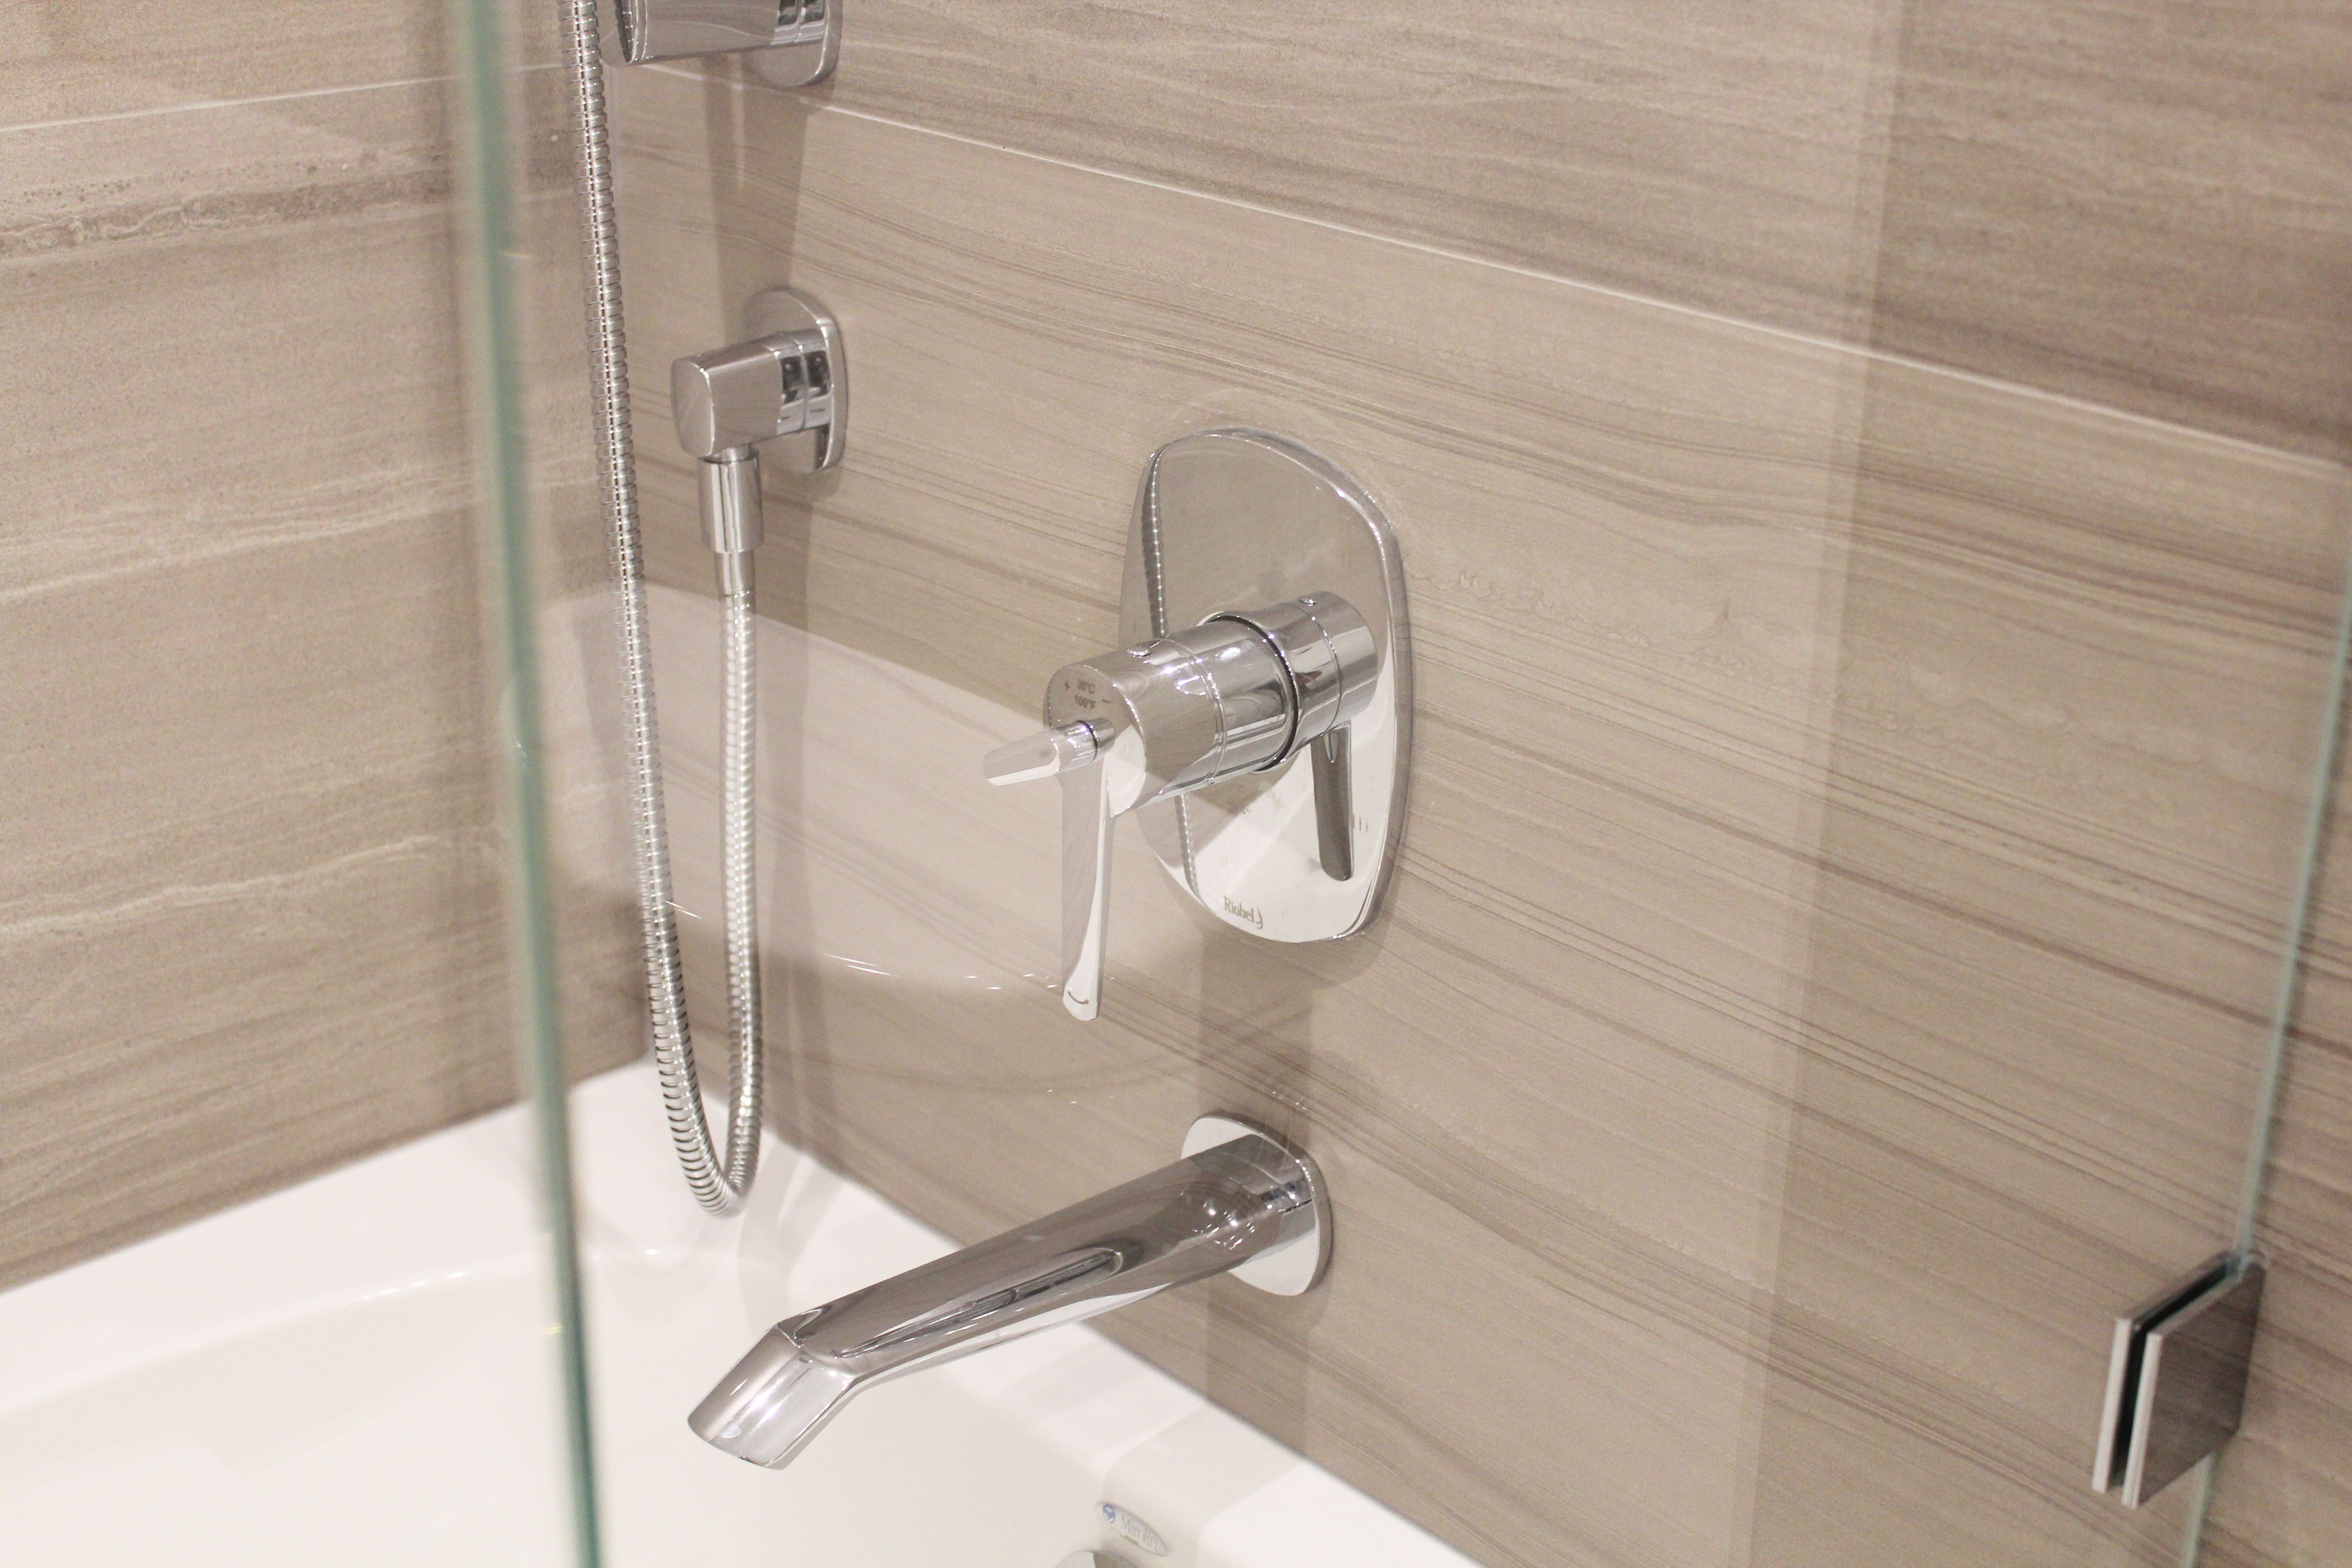 Bathroom Renovation Condo West 6th Ave Vancouver Bathroom